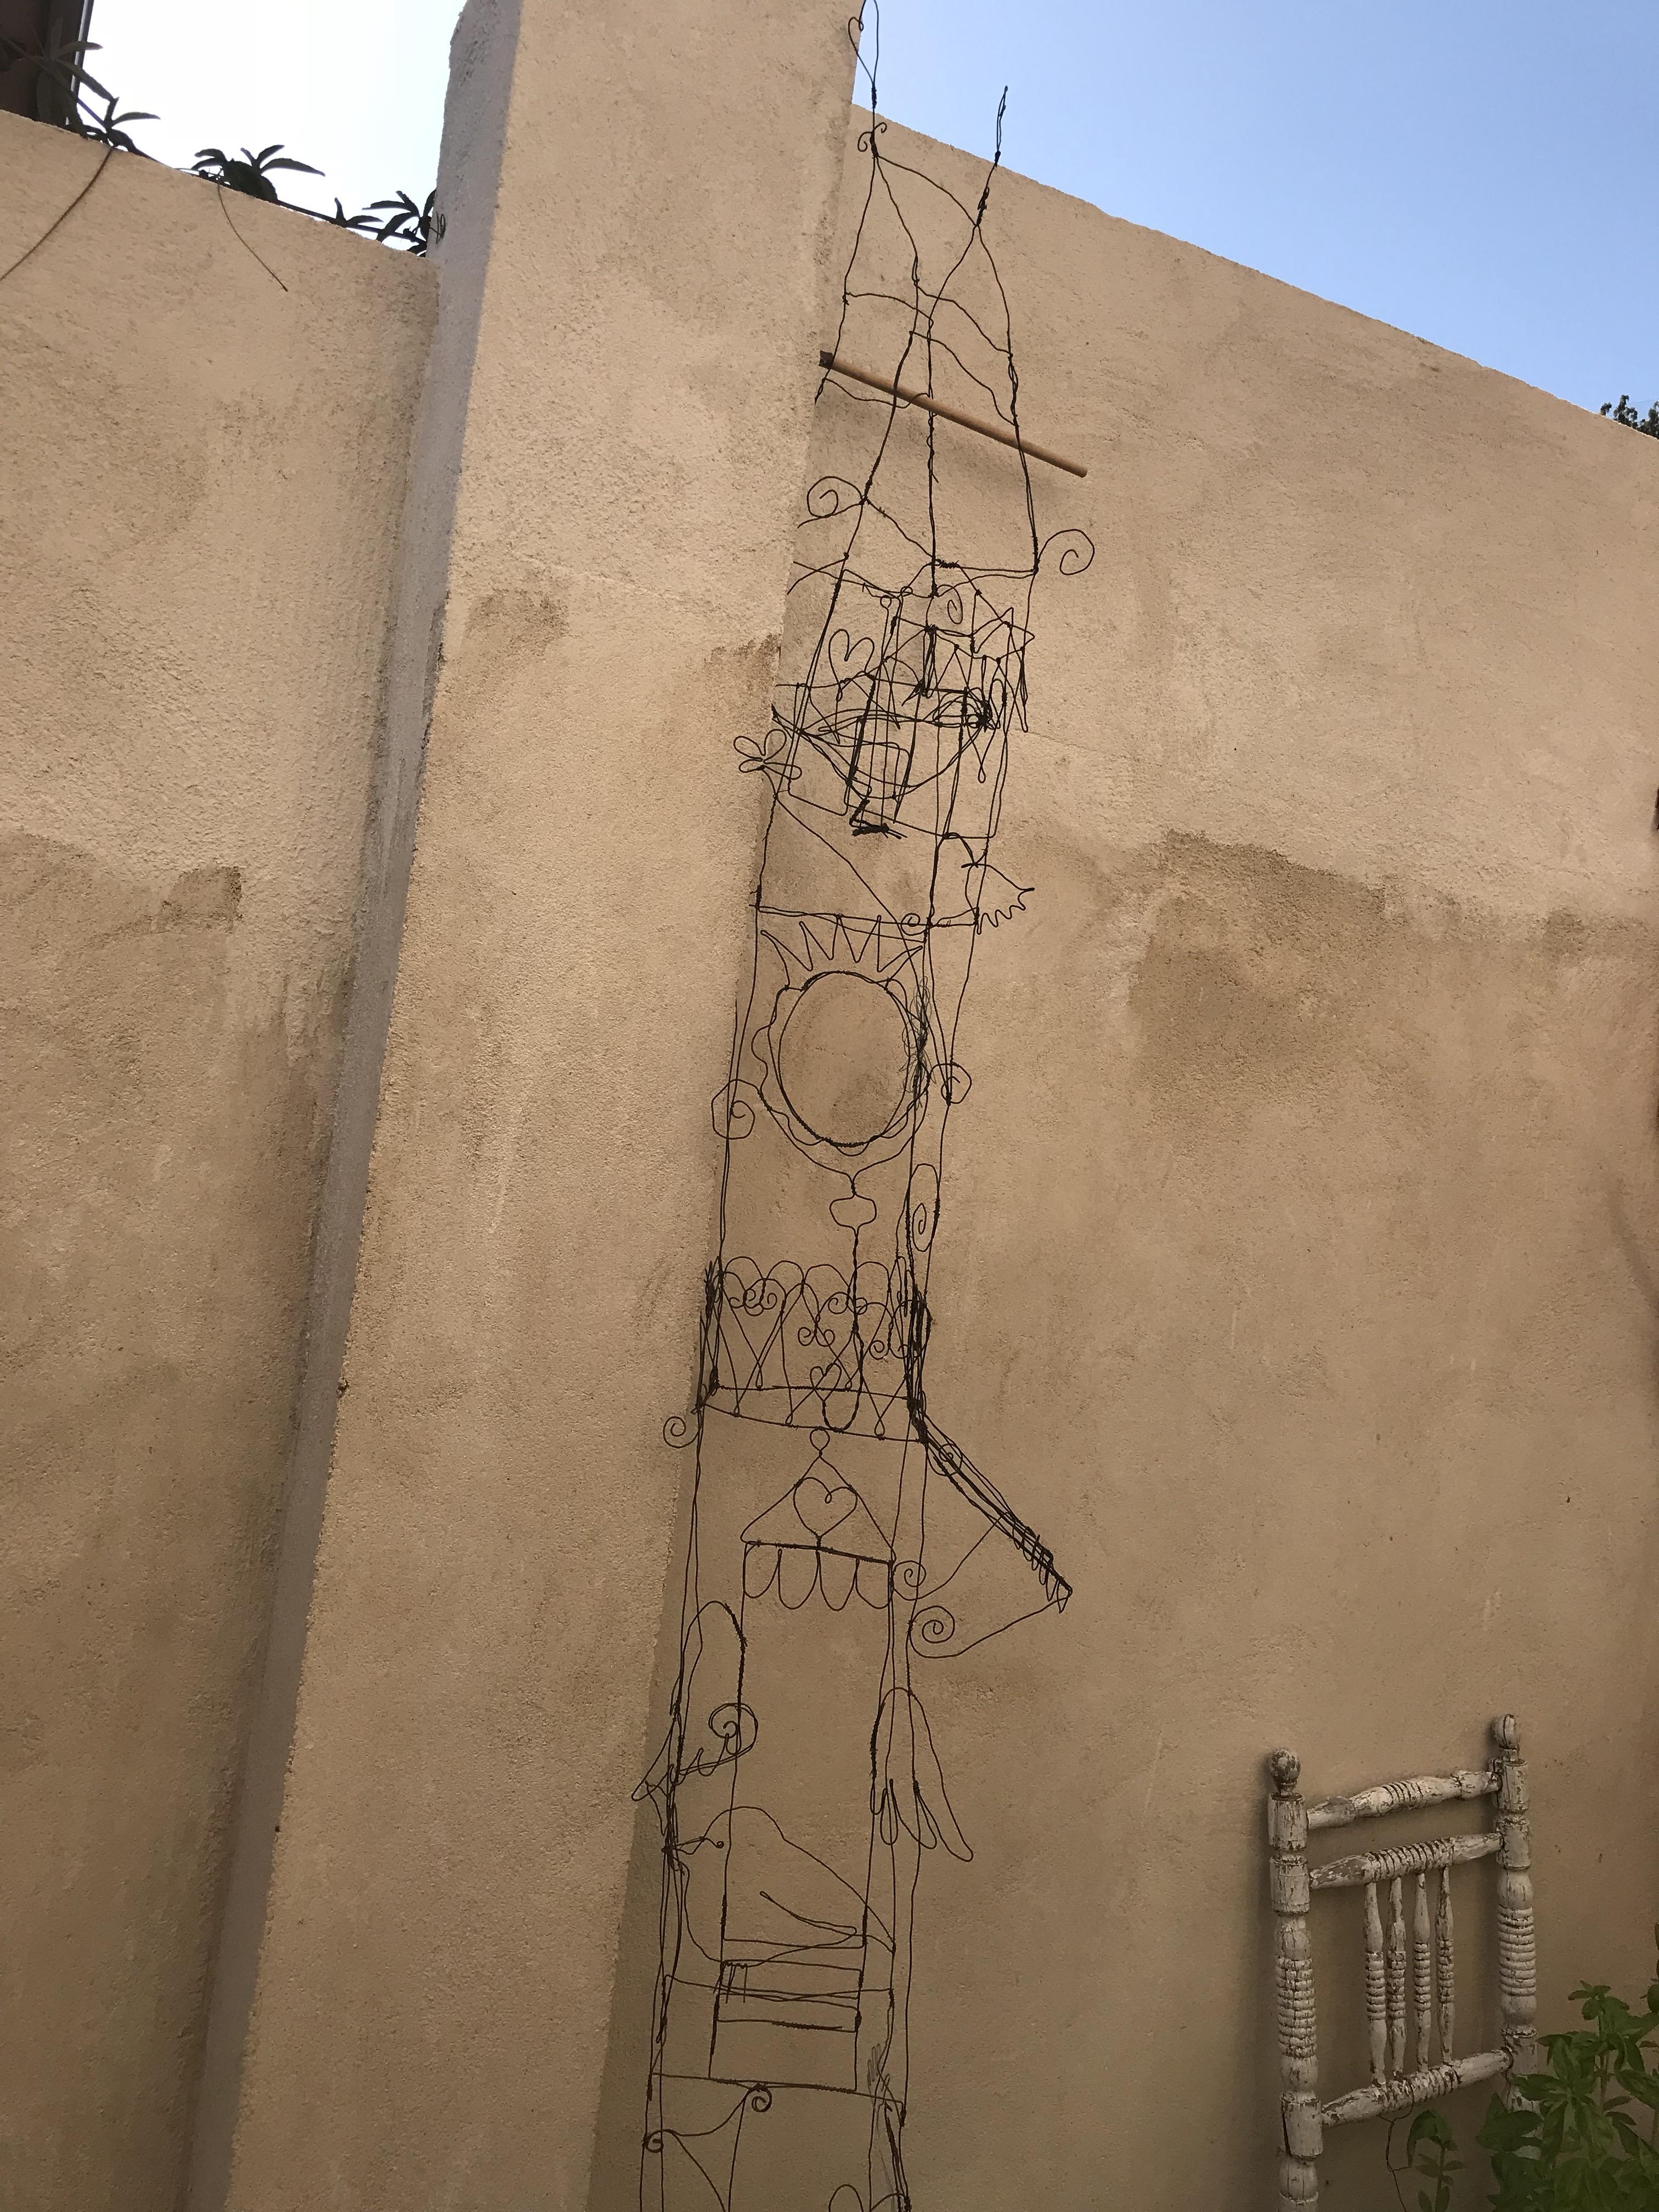 Wire garden house | macknifique art & design